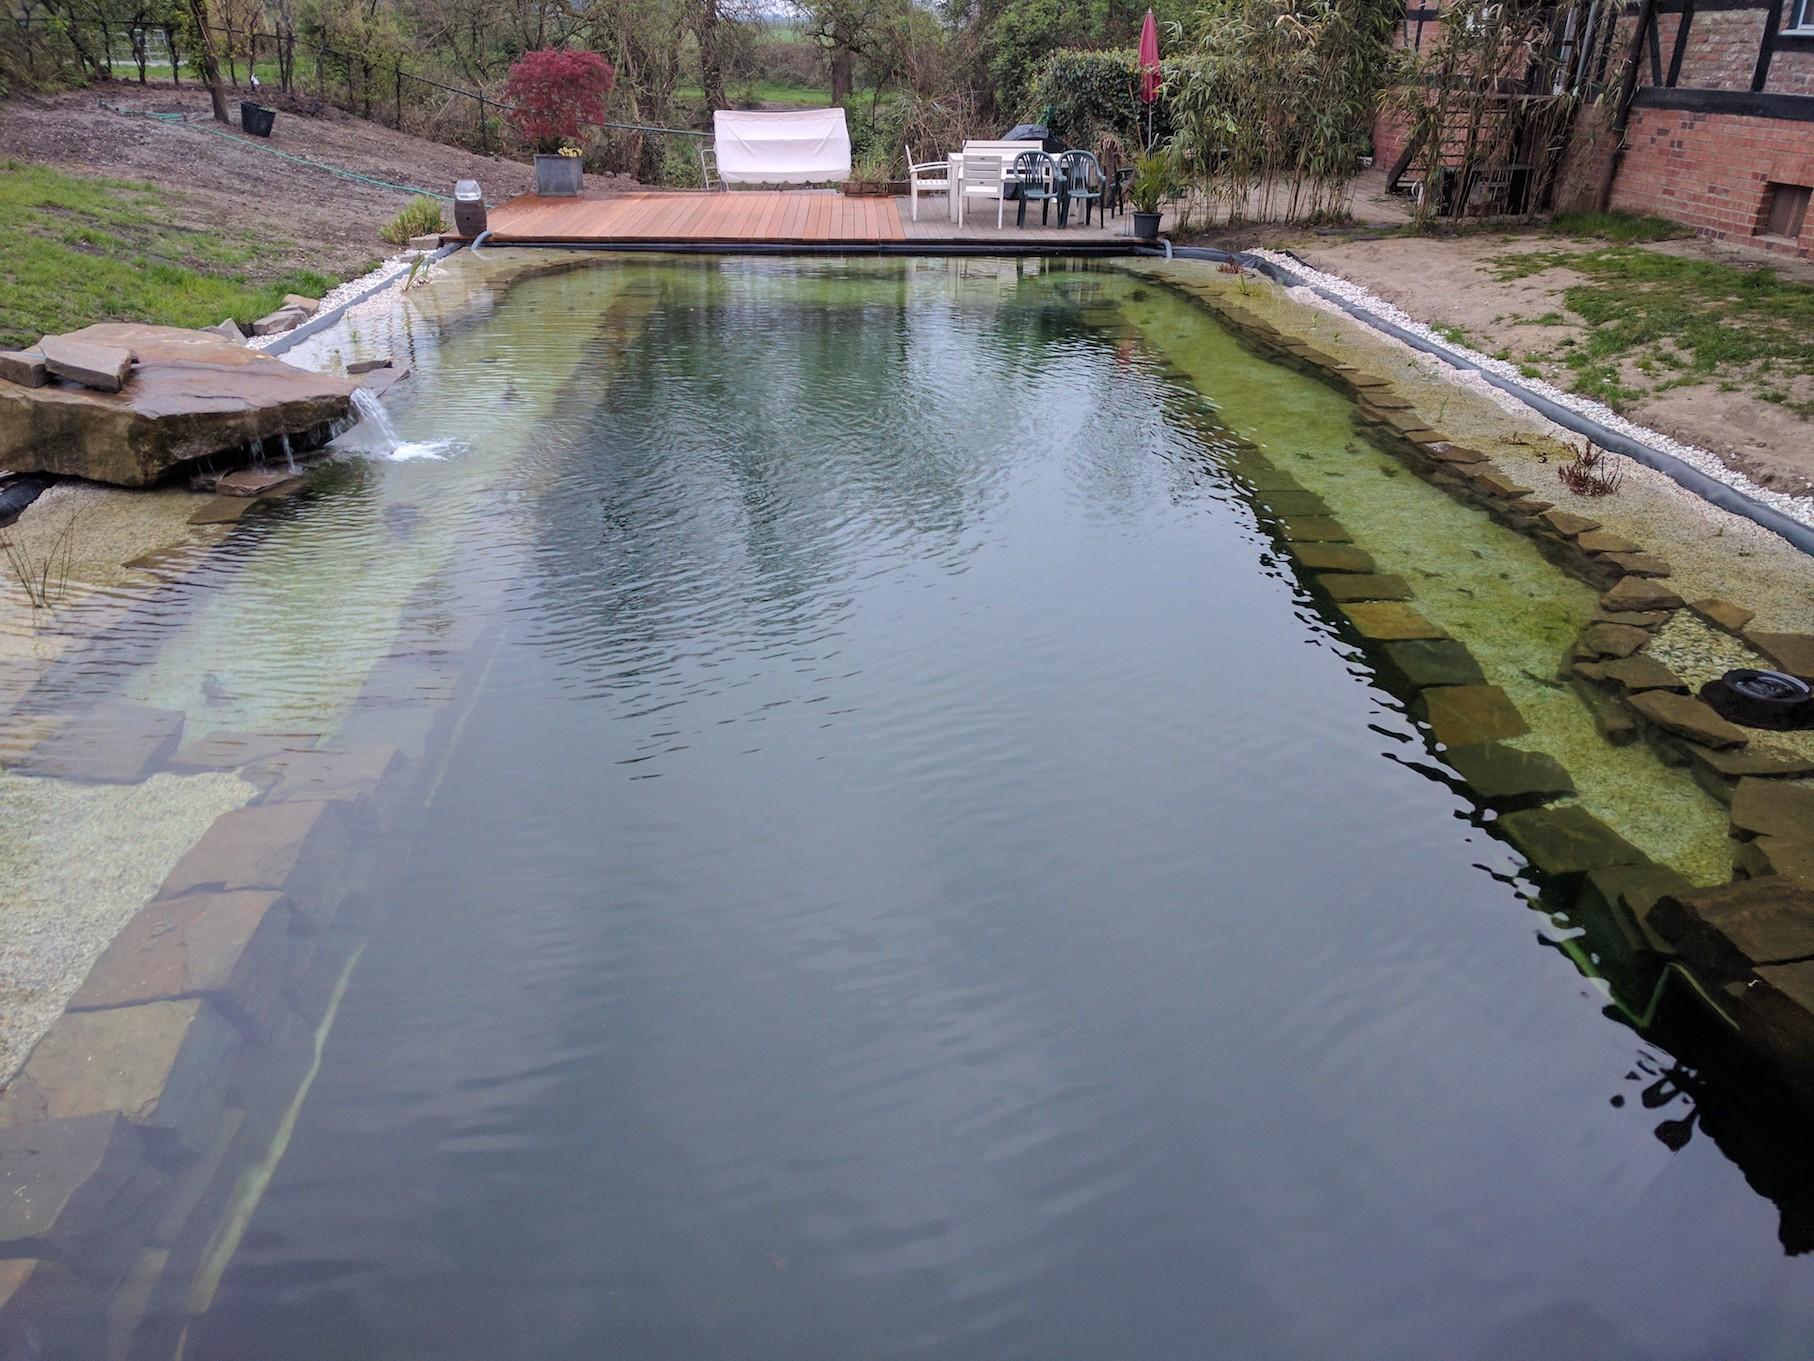 teich endlich fertig gestellt algenprobleme gegenma nahmen der treffpunkt f r schwimmteich. Black Bedroom Furniture Sets. Home Design Ideas